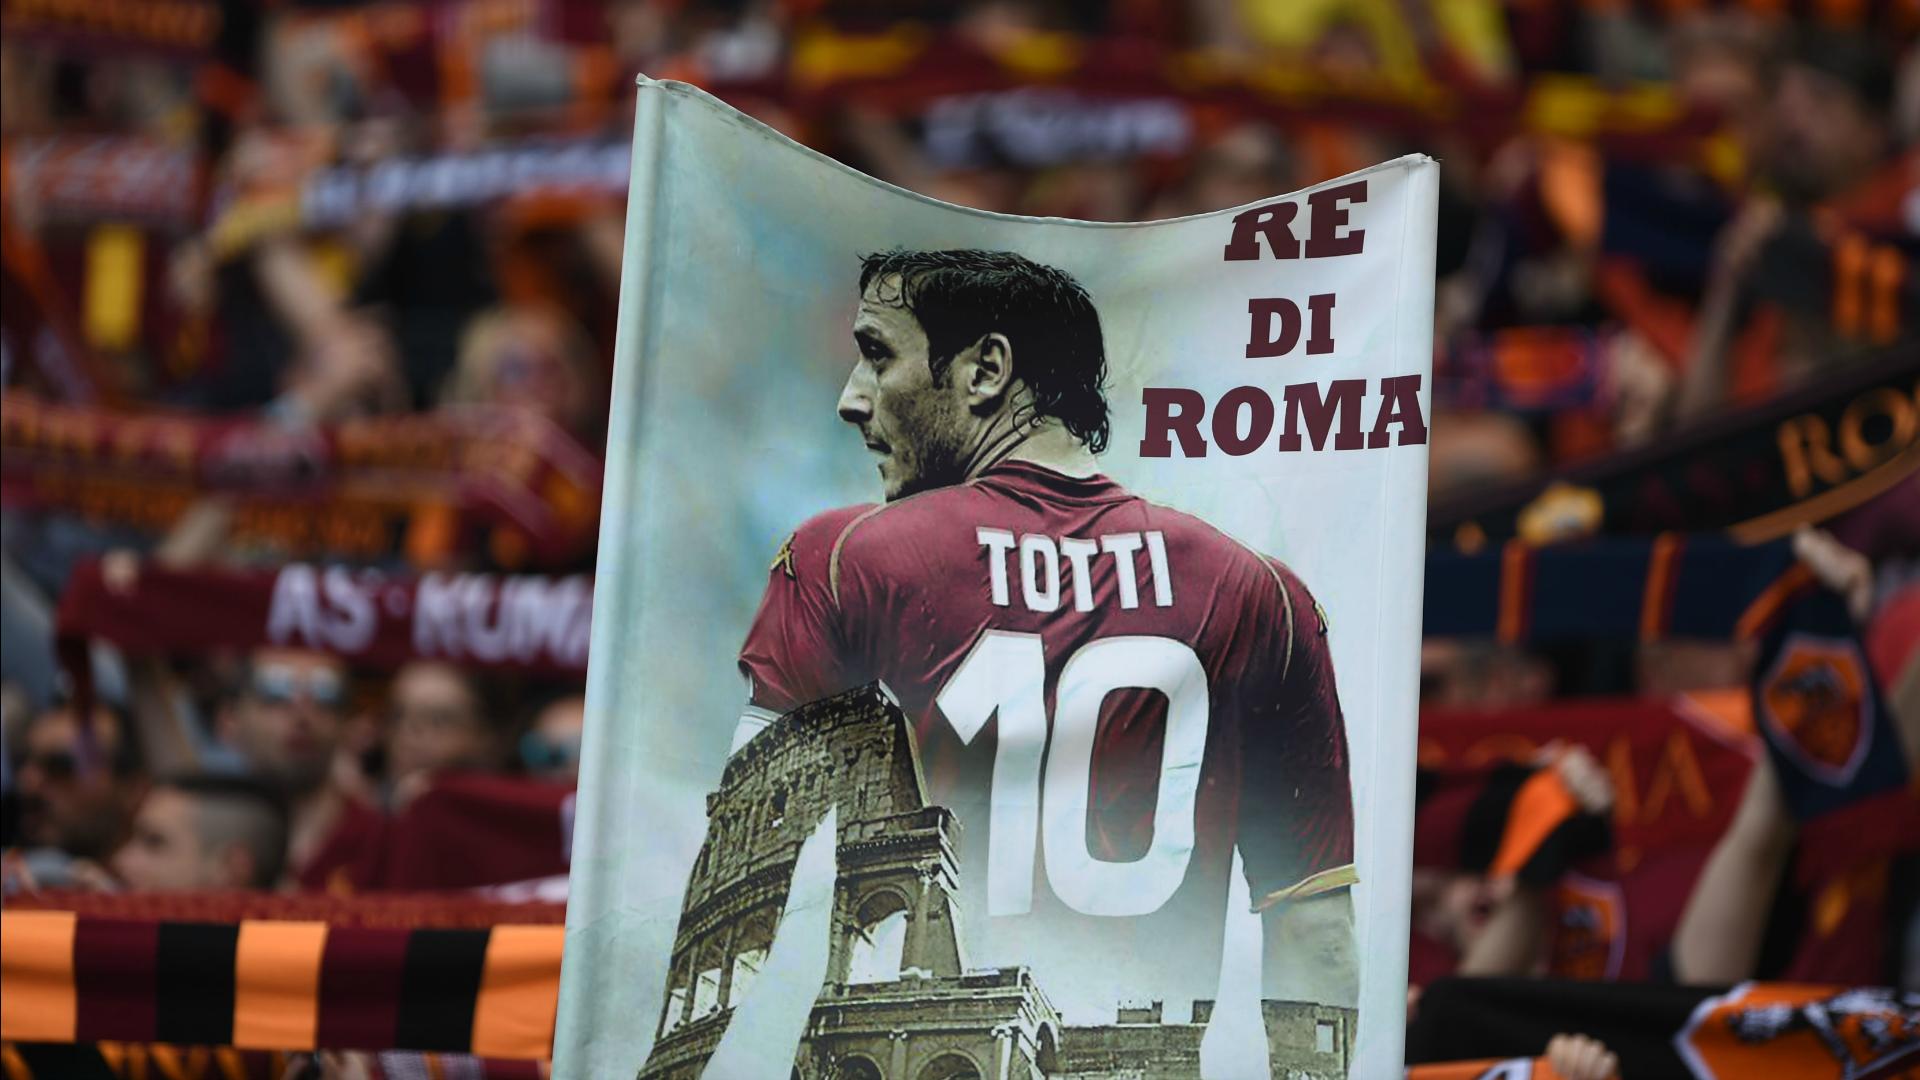 Roma fans banner for Francesco Totti